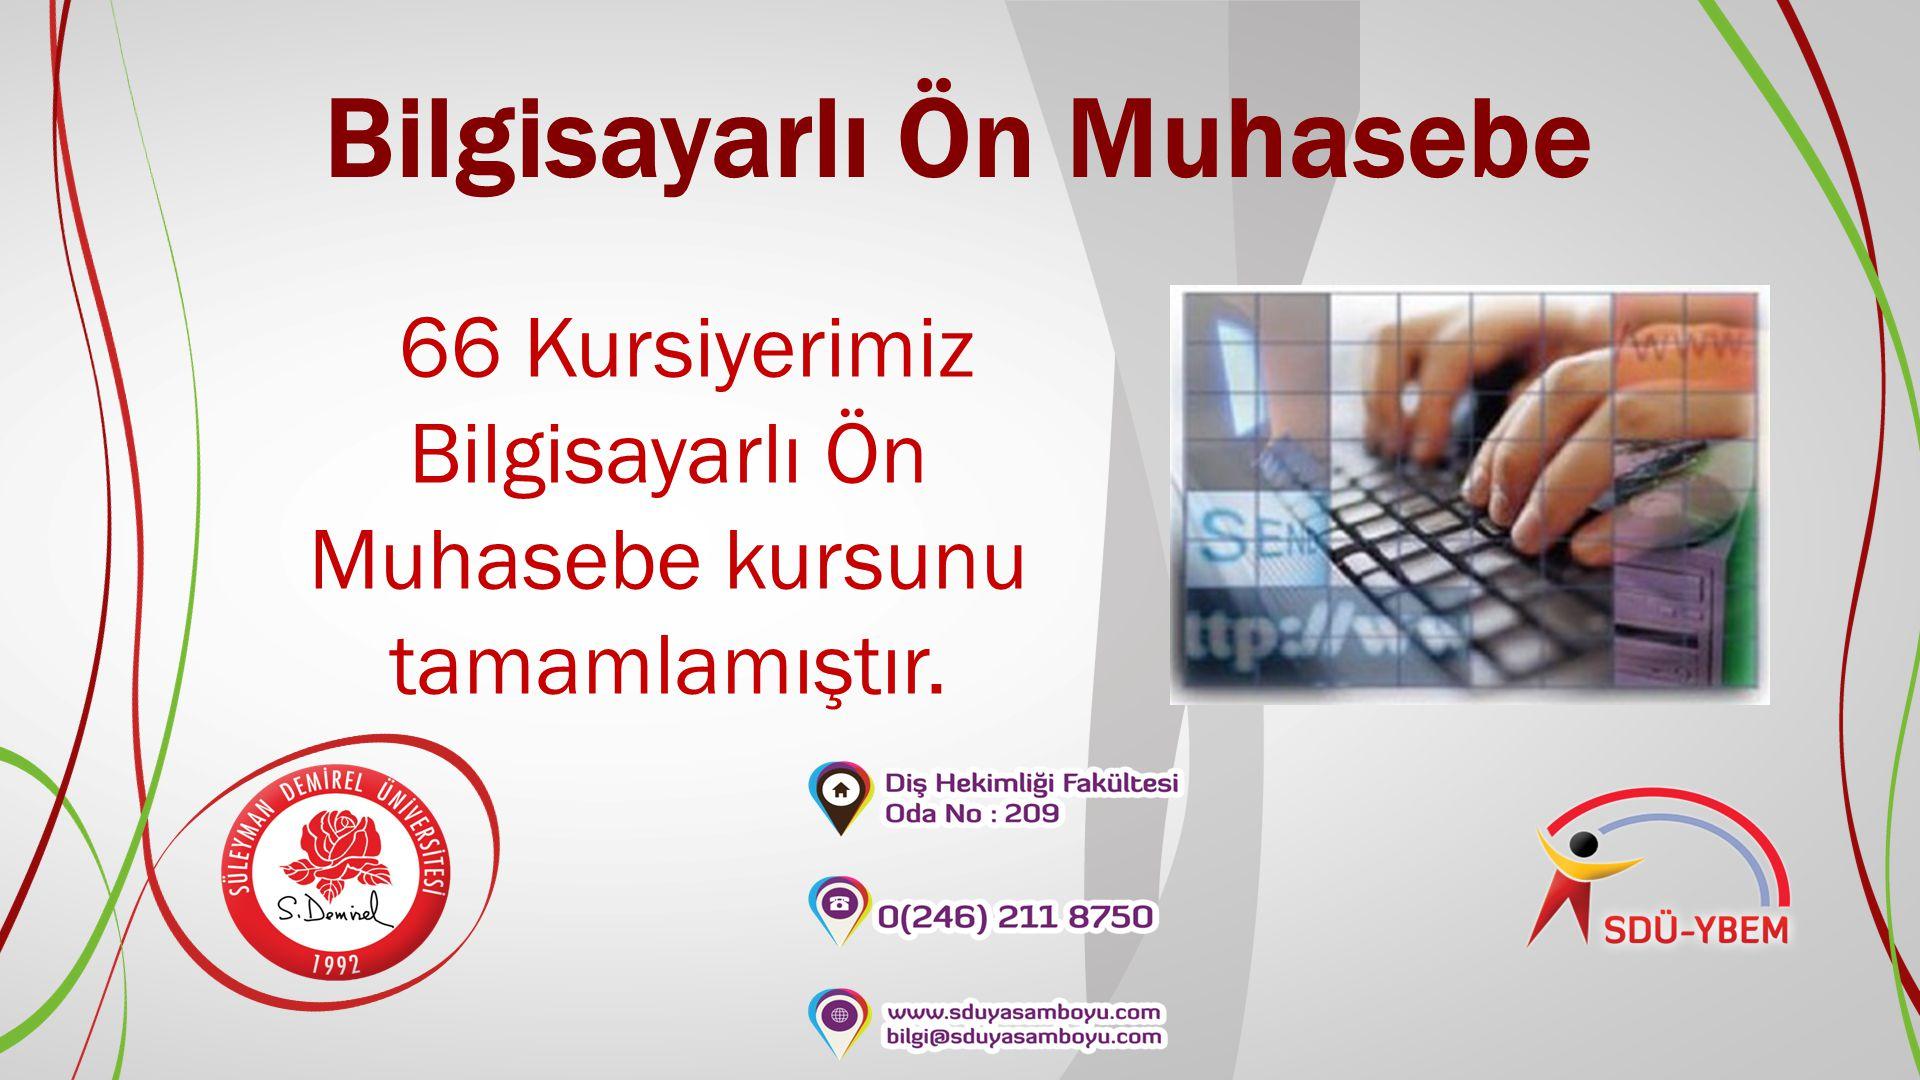 Bilgisayarlı Ön Muhasebe 66 Kursiyerimiz Bilgisayarlı Ön Muhasebe kursunu tamamlamıştır.